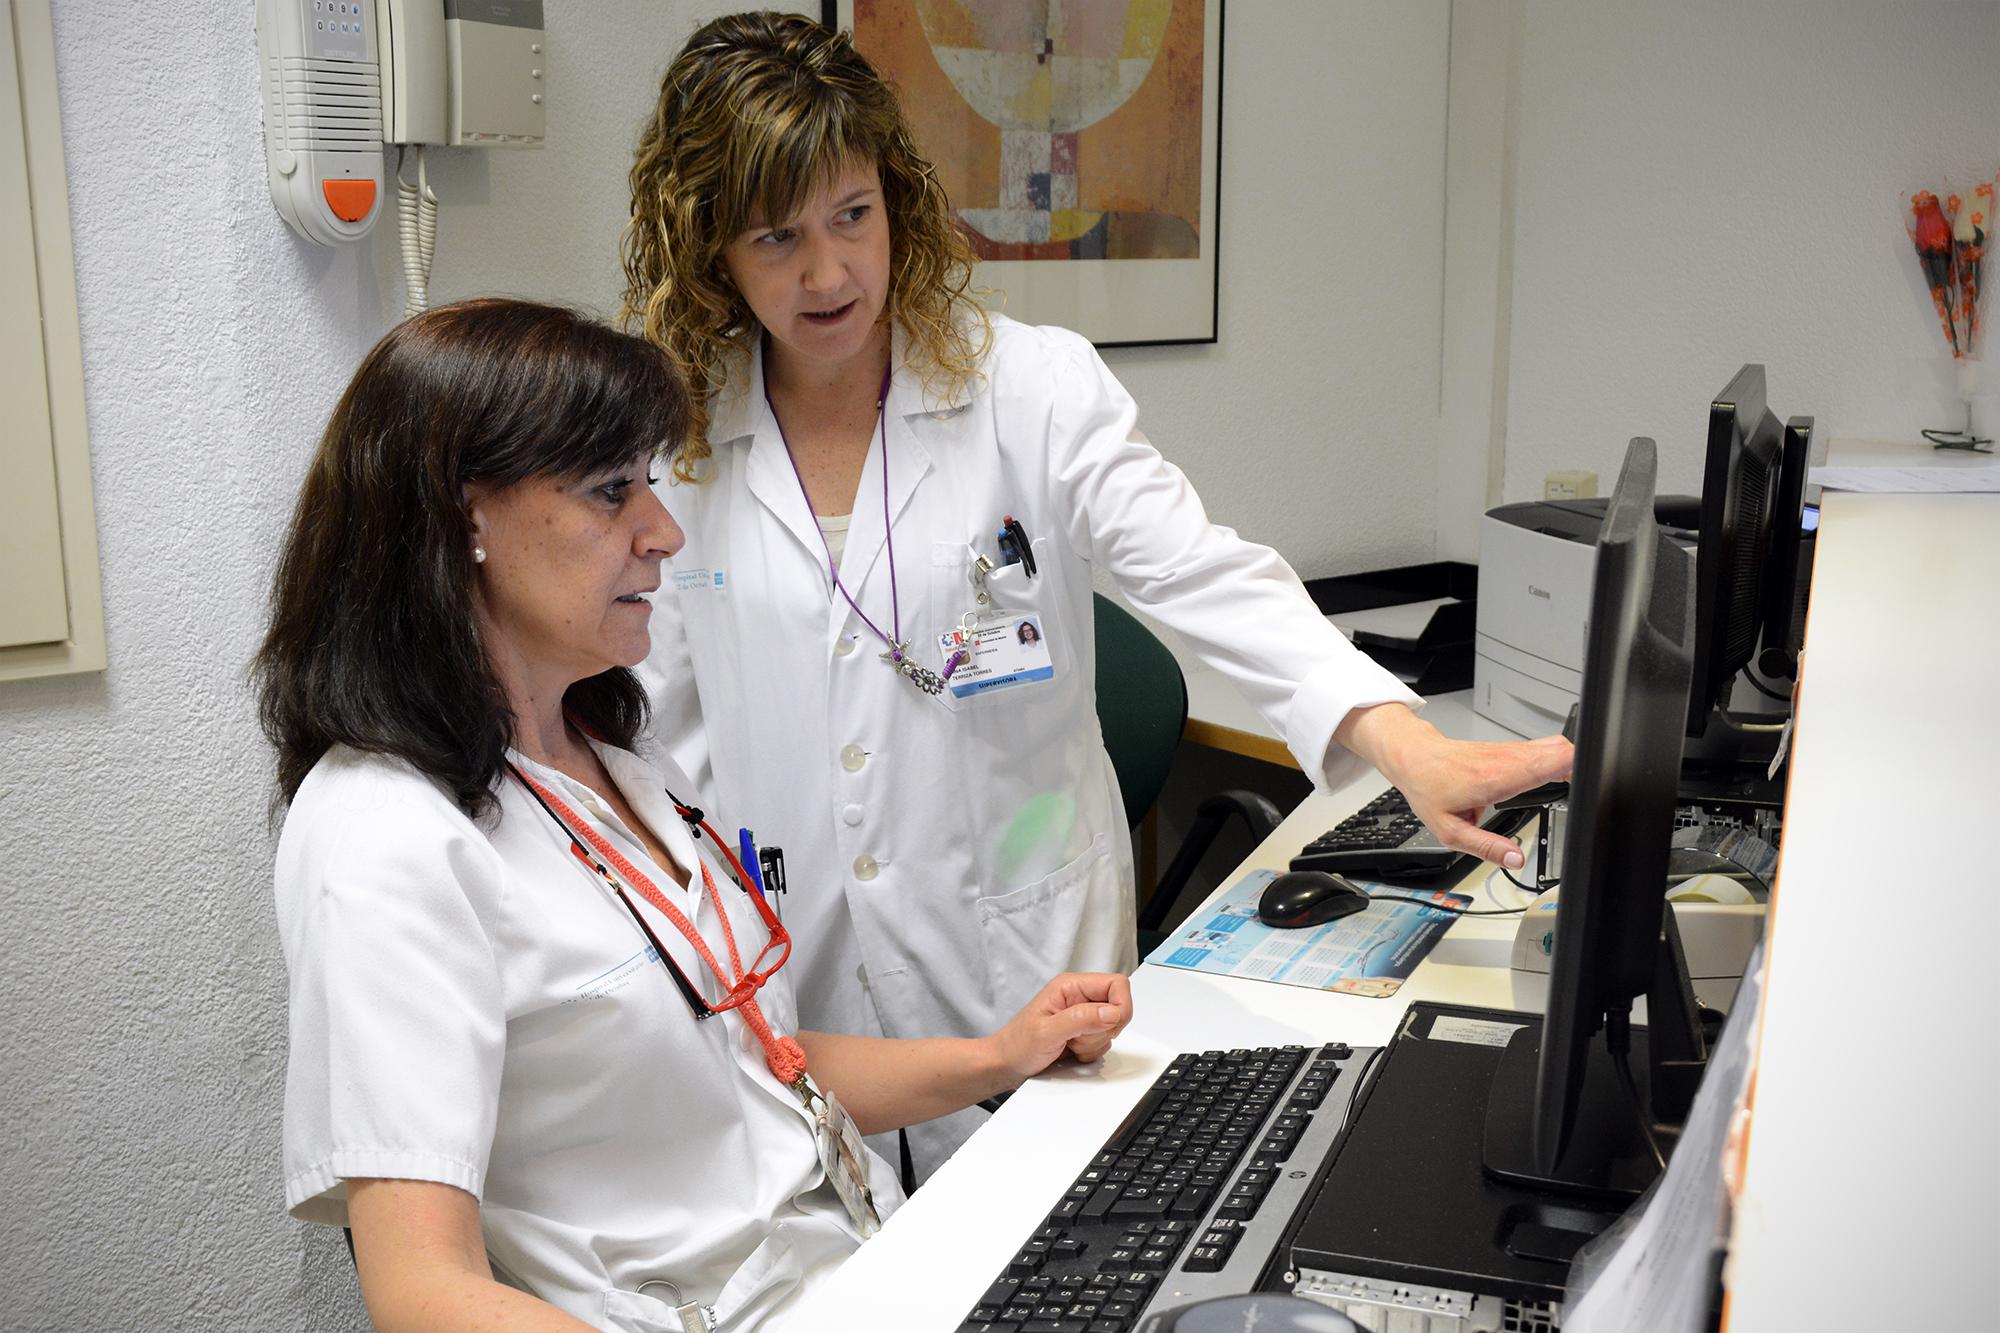 Mejora continua de la gestión clínica, gracias a la certificación